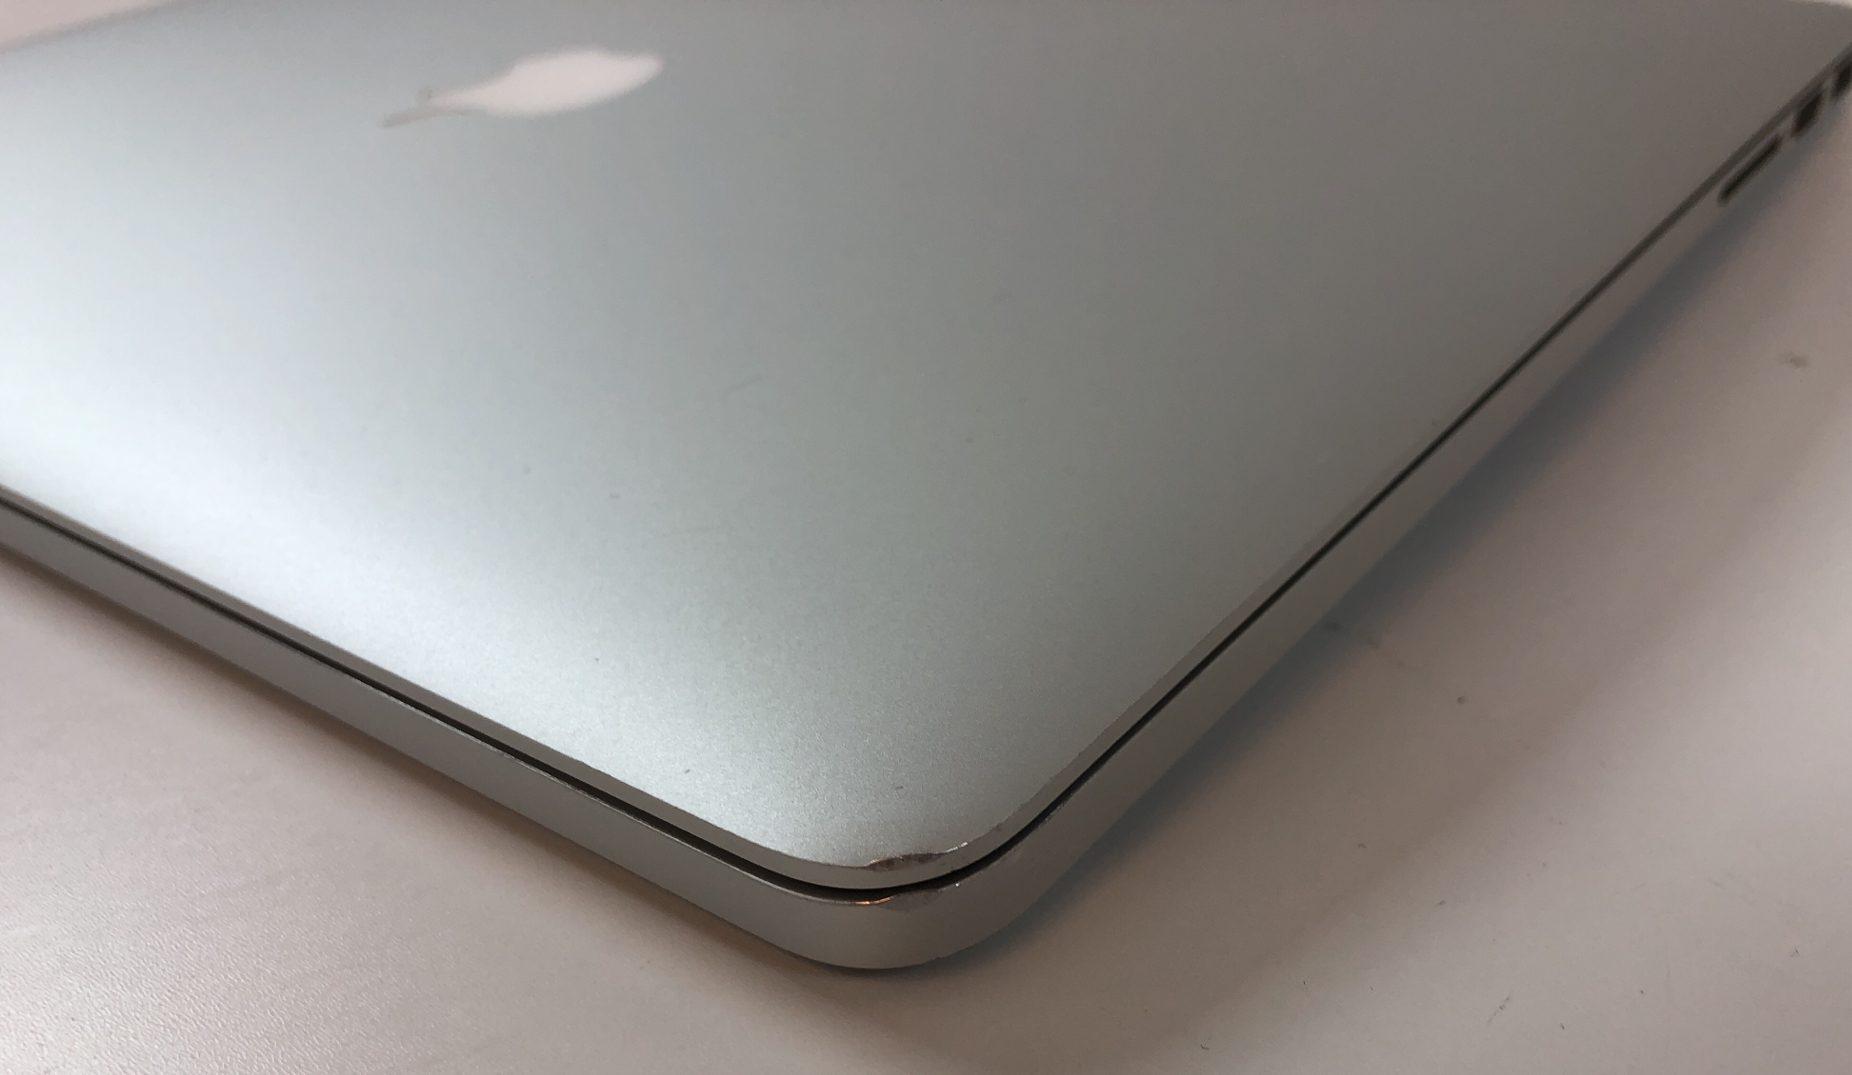 """MacBook Pro Retina 15"""" Mid 2015 (Intel Quad-Core i7 2.2 GHz 16 GB RAM 256 GB SSD), Intel Quad-Core i7 2.2 GHz, 16 GB RAM, 256 GB SSD, imagen 5"""